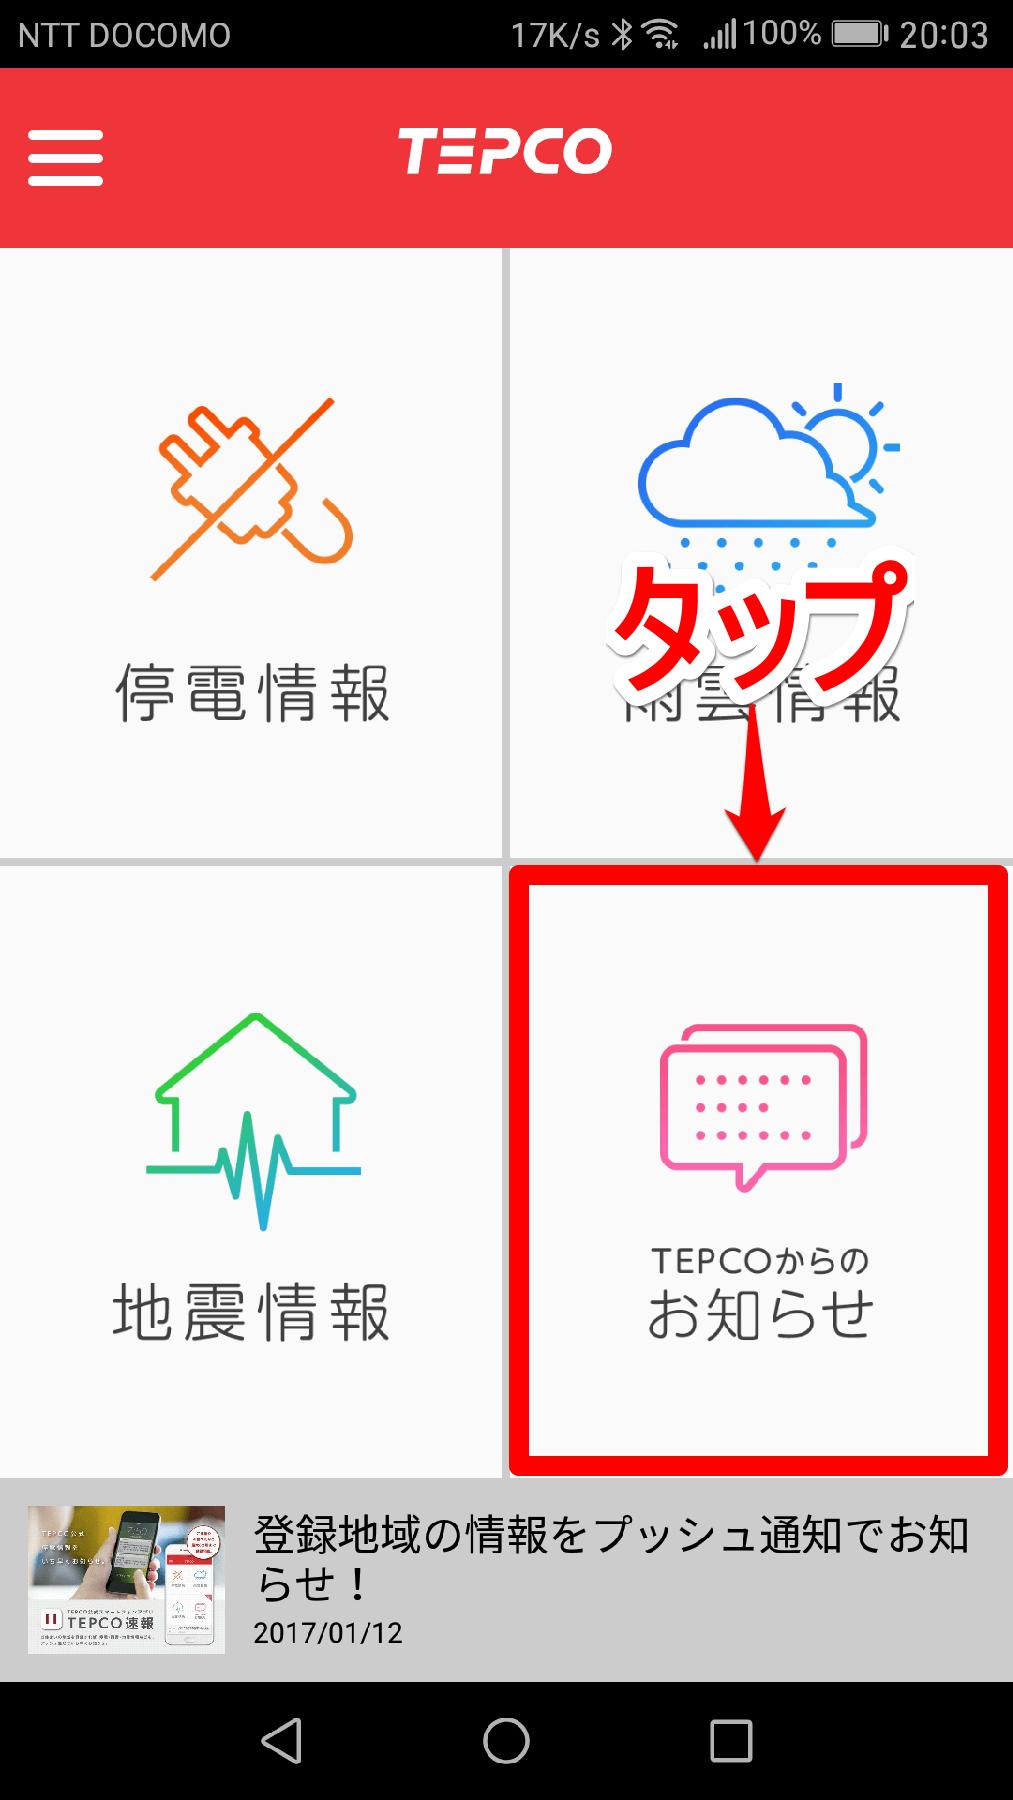 [TEPCO速報]アプリのトップ画面([TEPCOからのお知らせ]をタップするところ